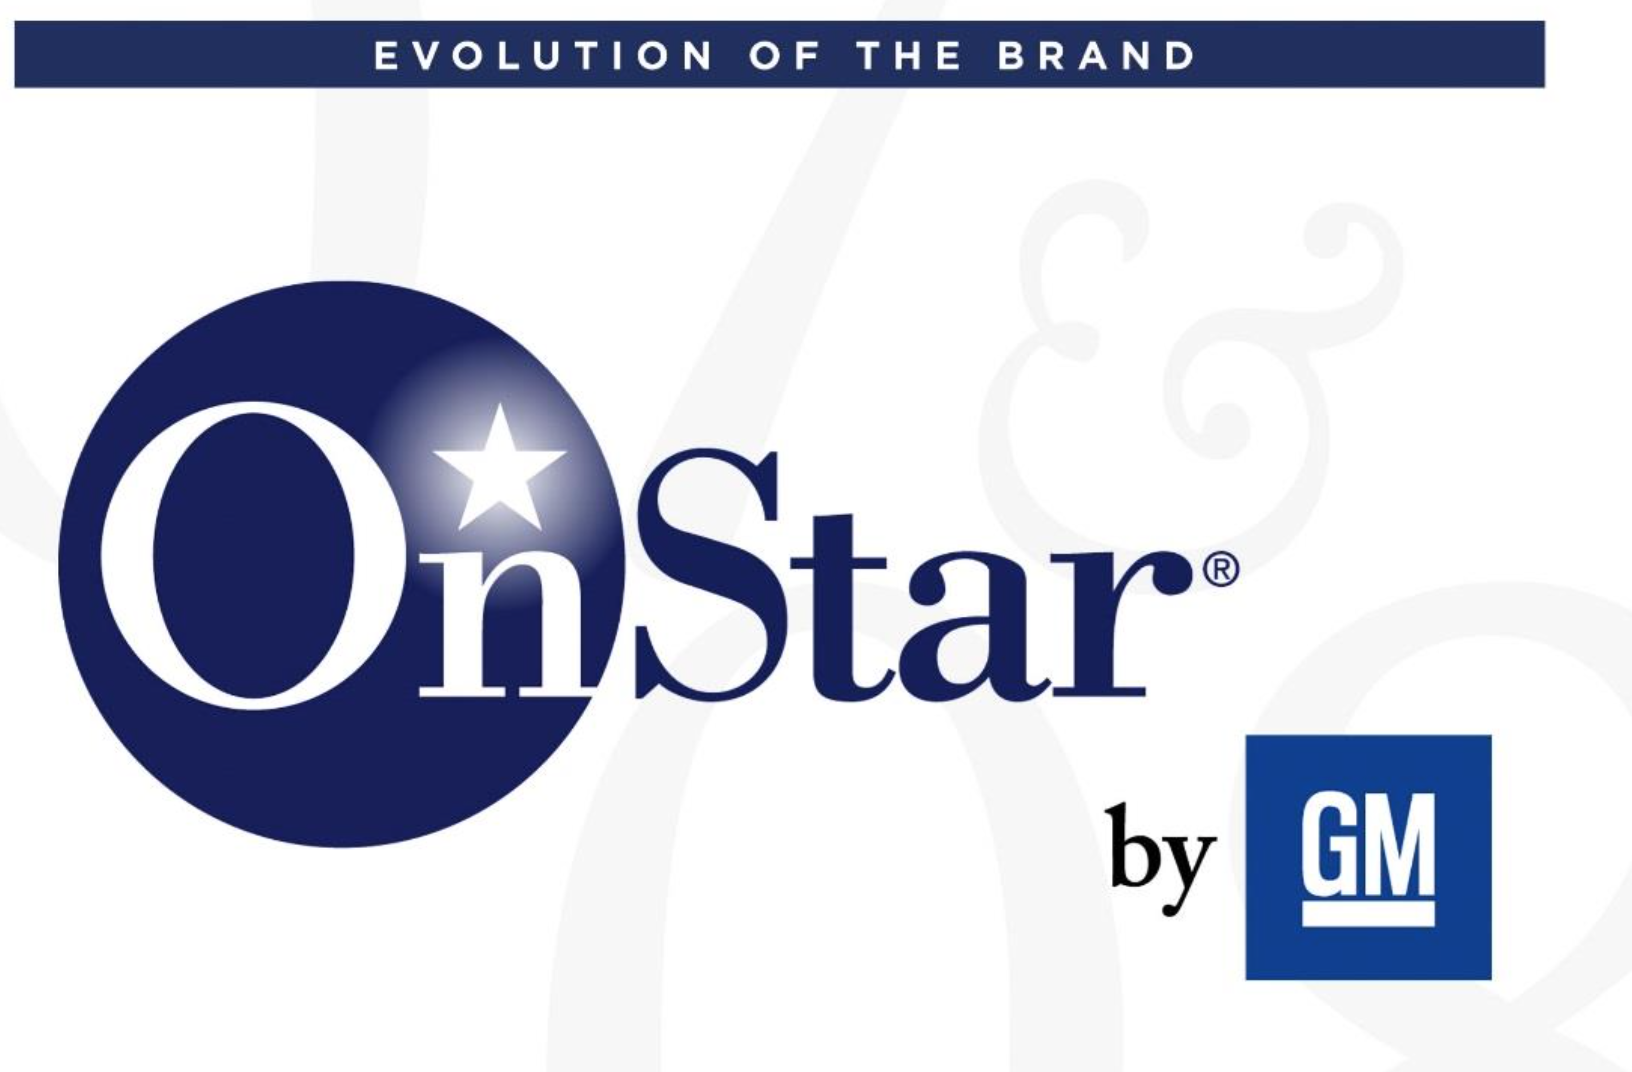 Experimenta una prueba de amor: el botón azul de OnStar